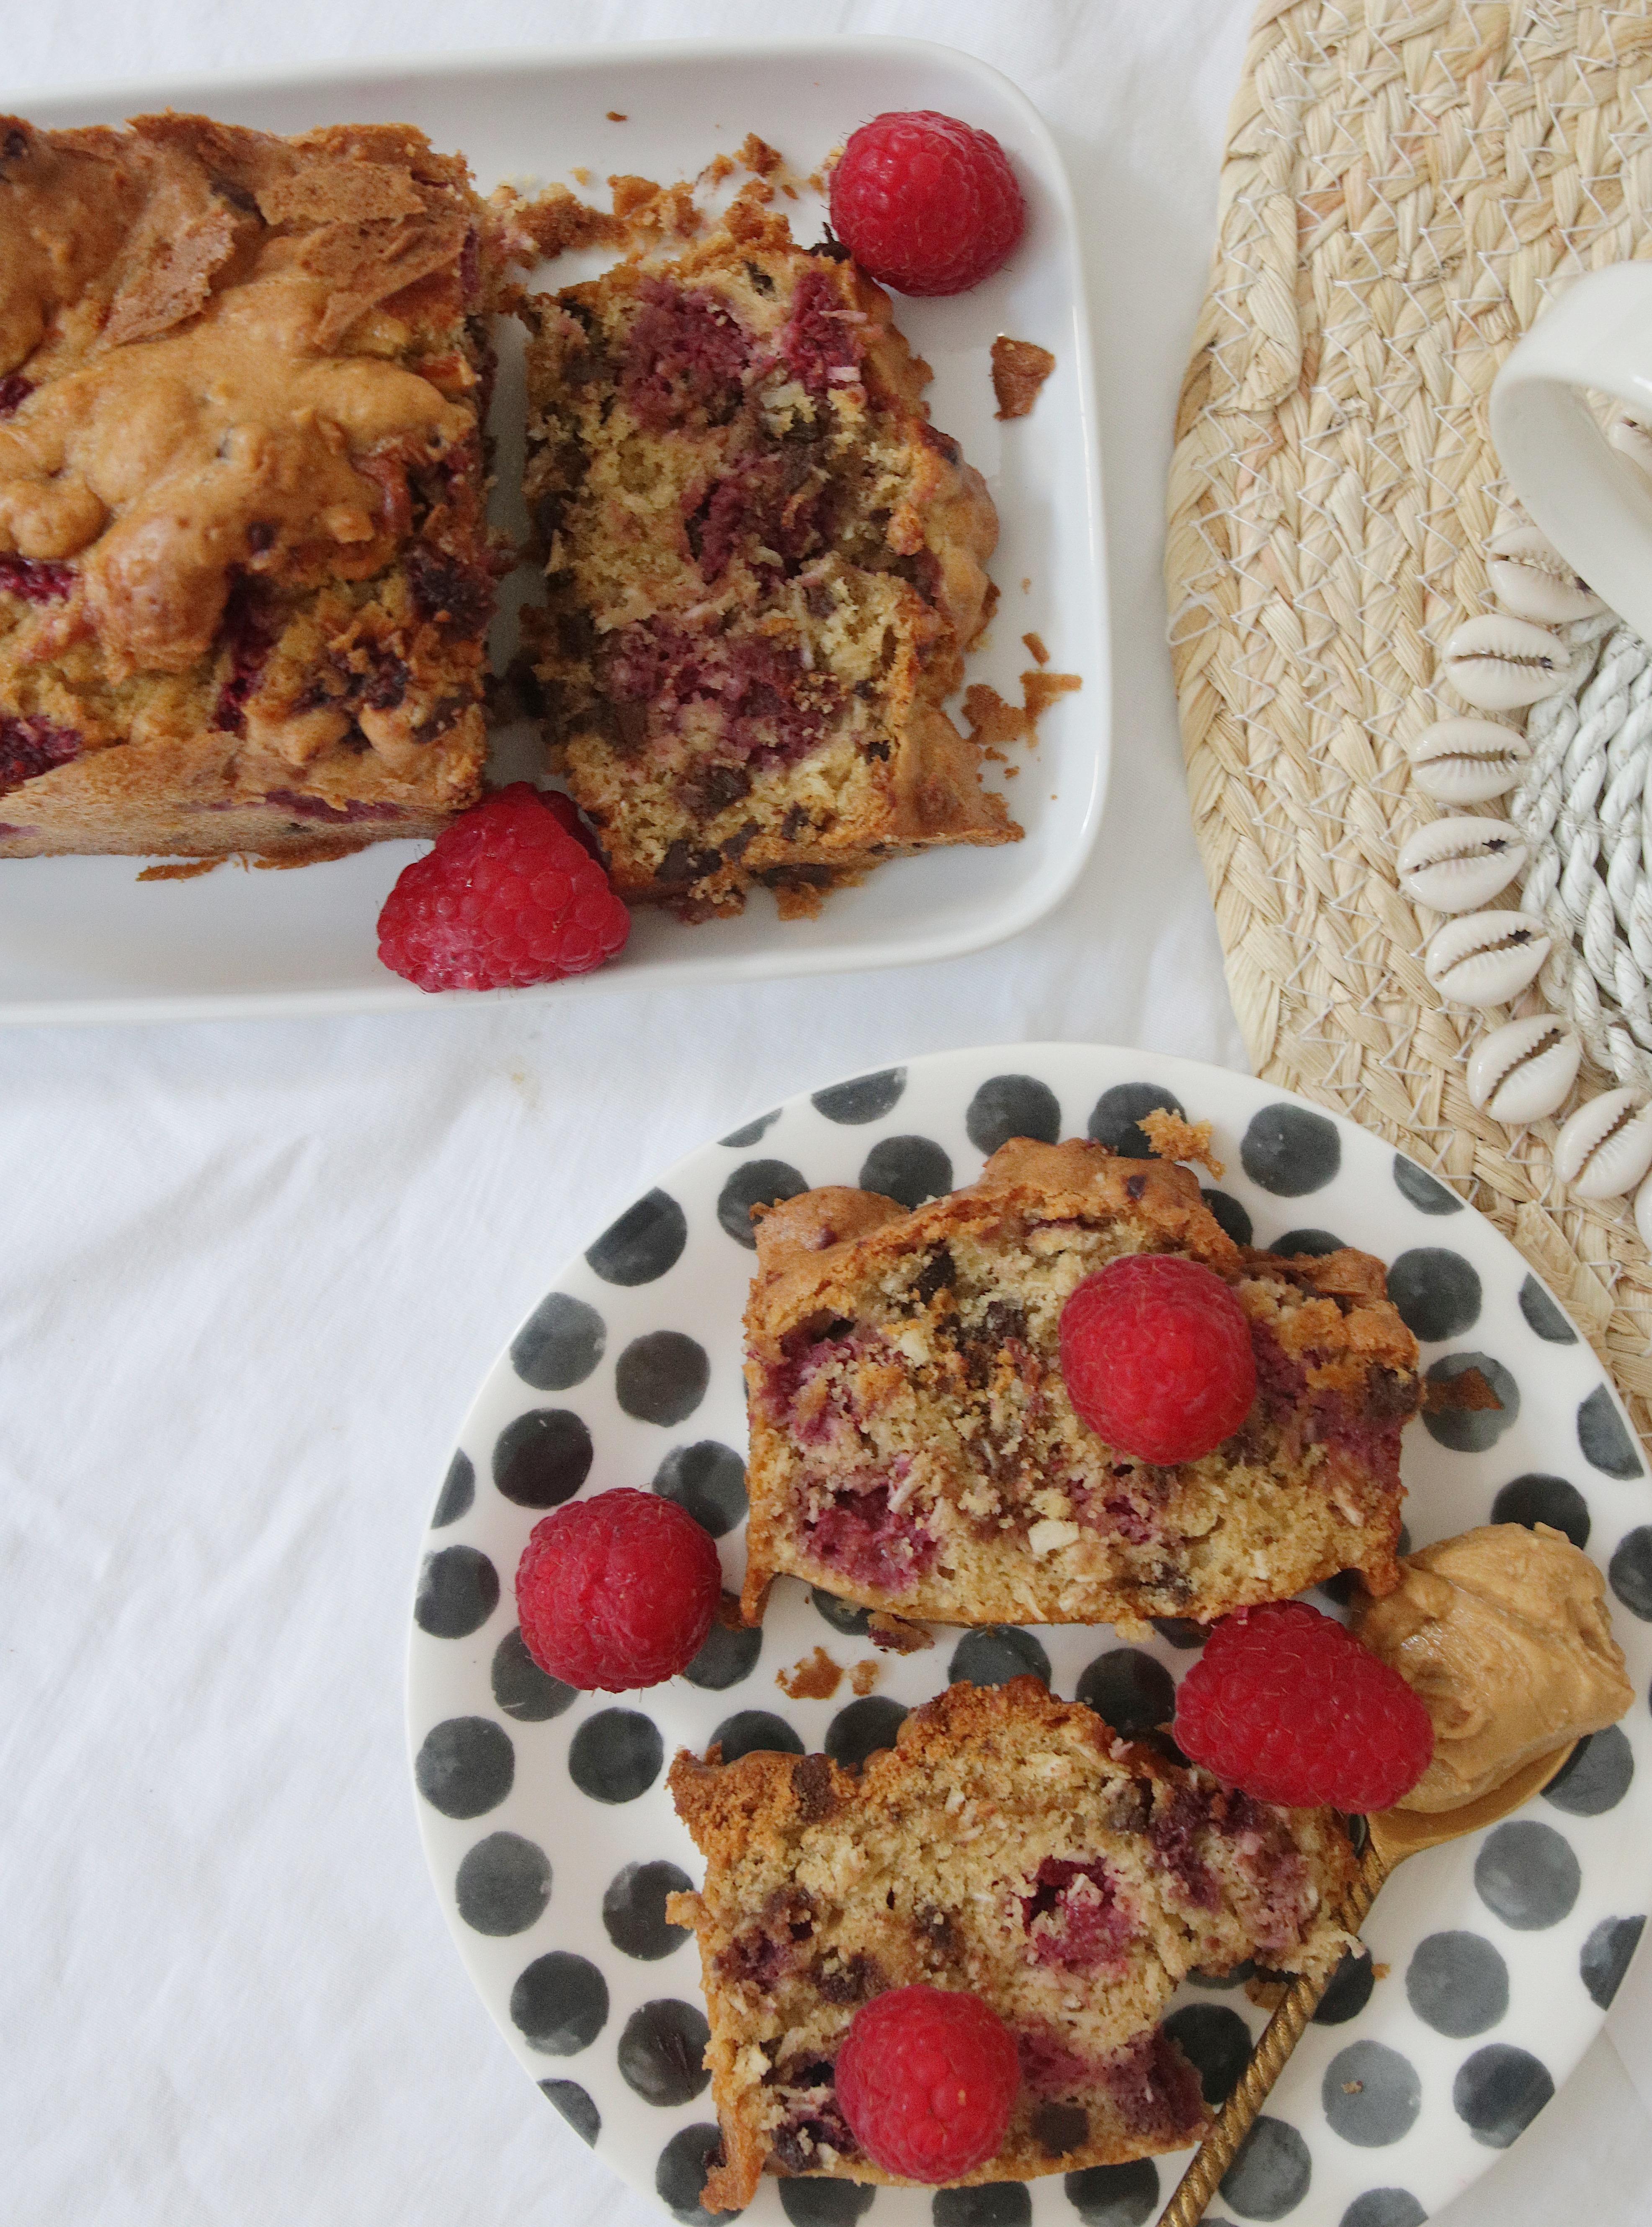 @chon.and.chon ) www.chonandchon.com - Recette cake healthy chocolat noix de coco et framboises, alléger et sain, recette gateau framboise et chocolat